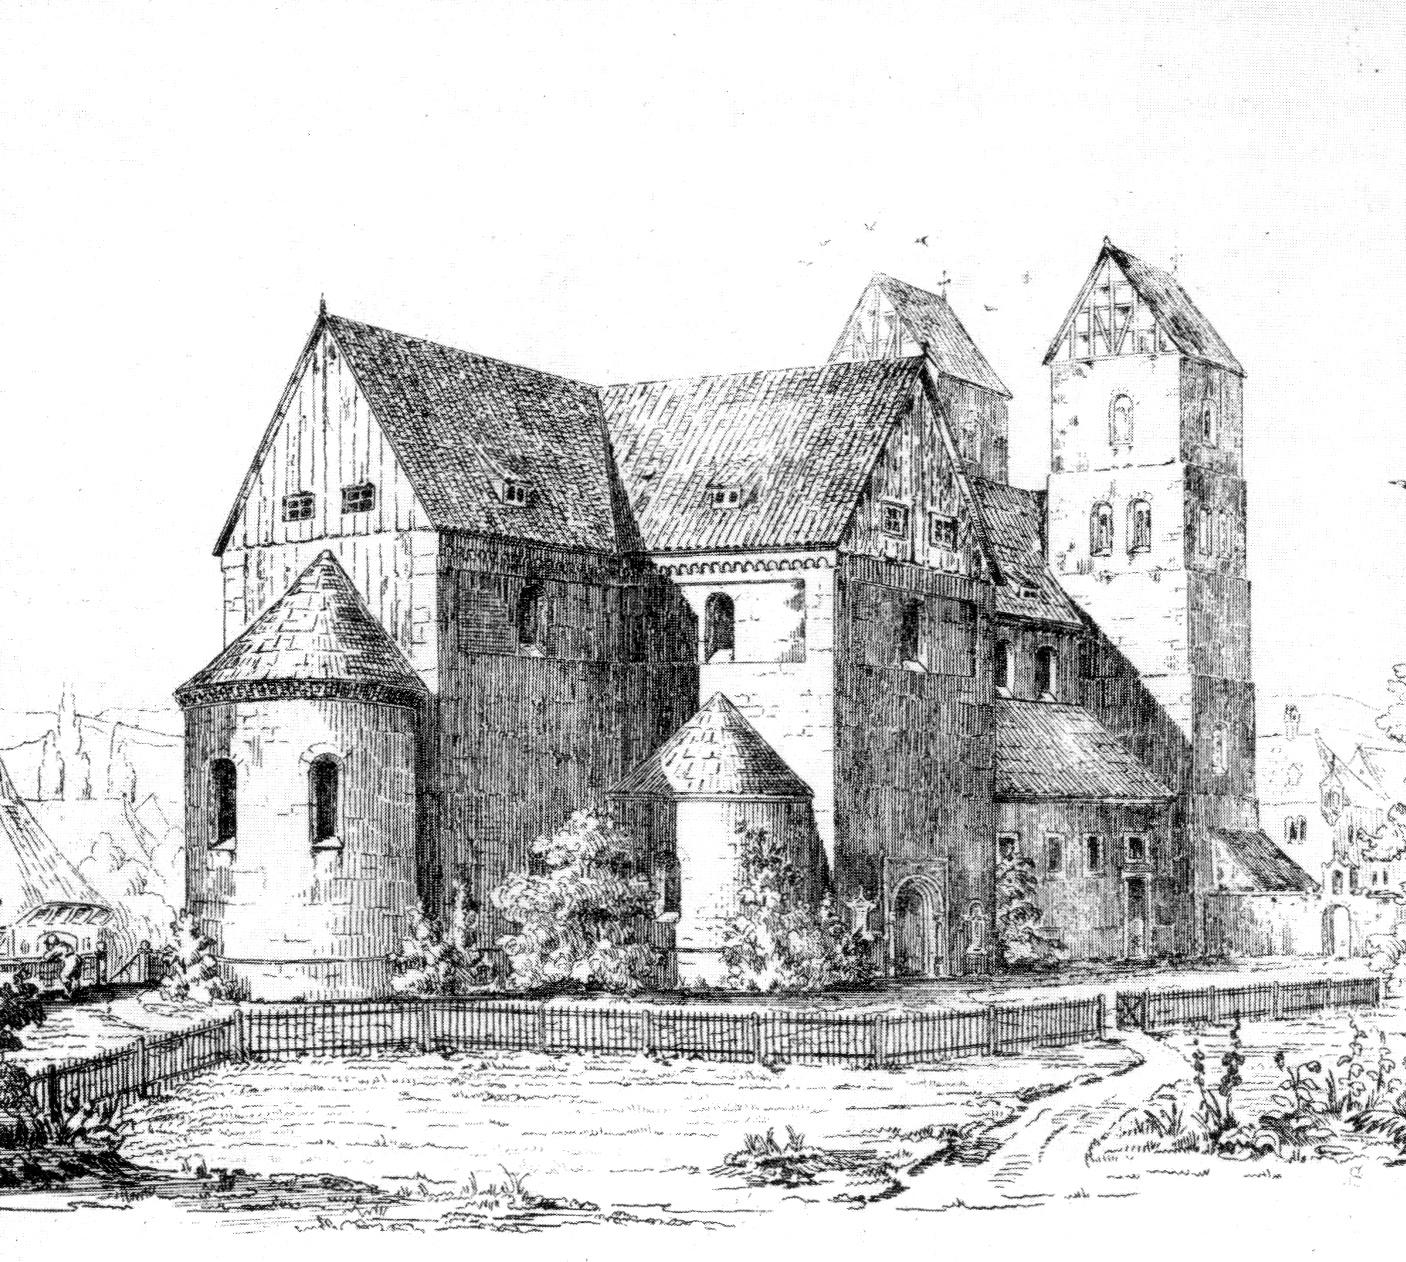 St. Blasii und Marien (Nordseite), Stich von Conrad Wilhelm Hase, 1882